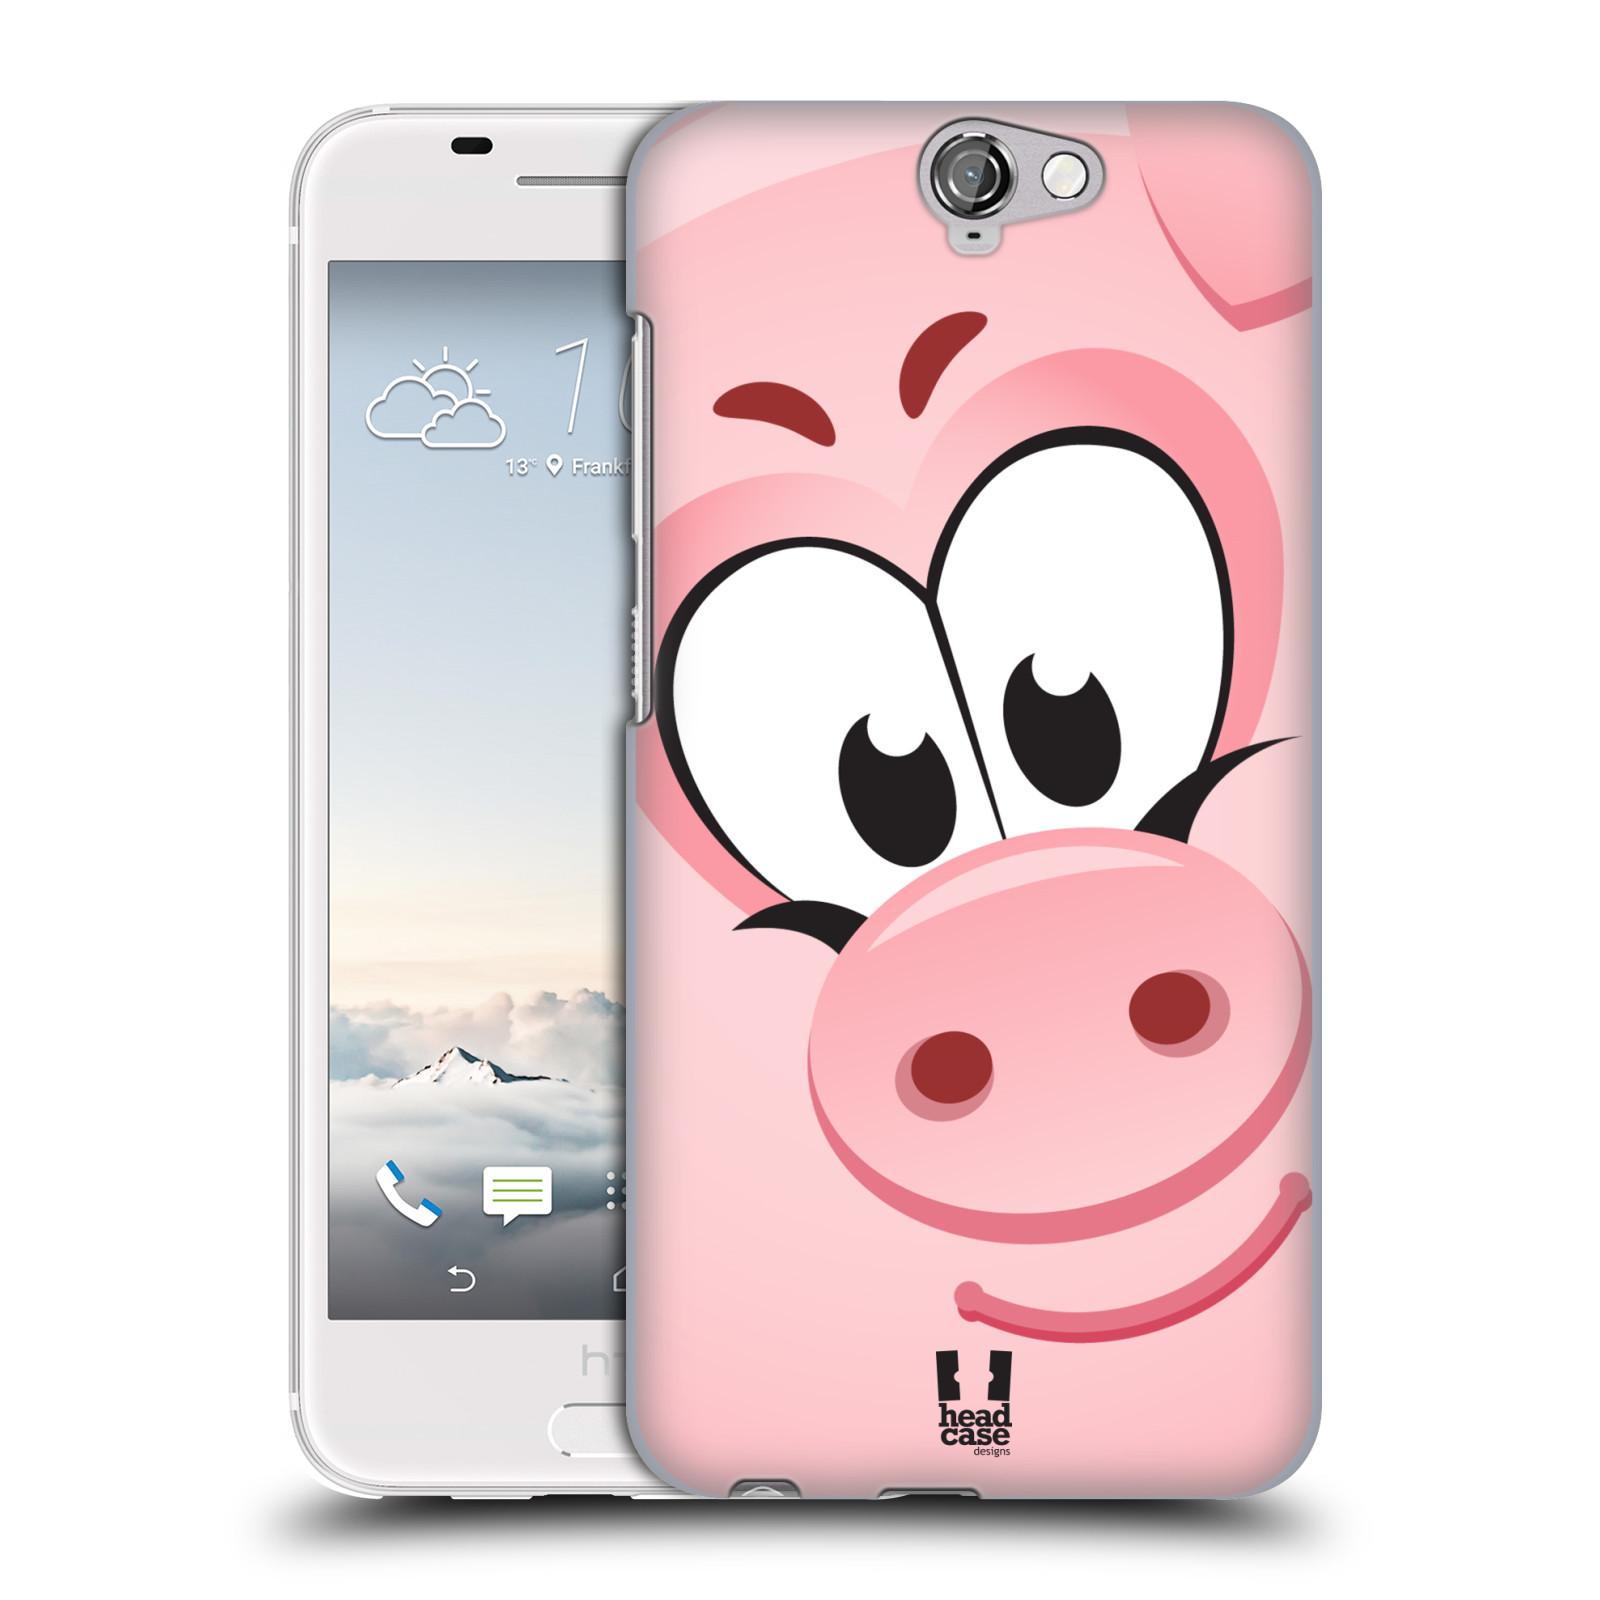 HEAD CASE pouzdro na mobil HTC ONE X prasátko růžová barva empty f4e1fbd85a7